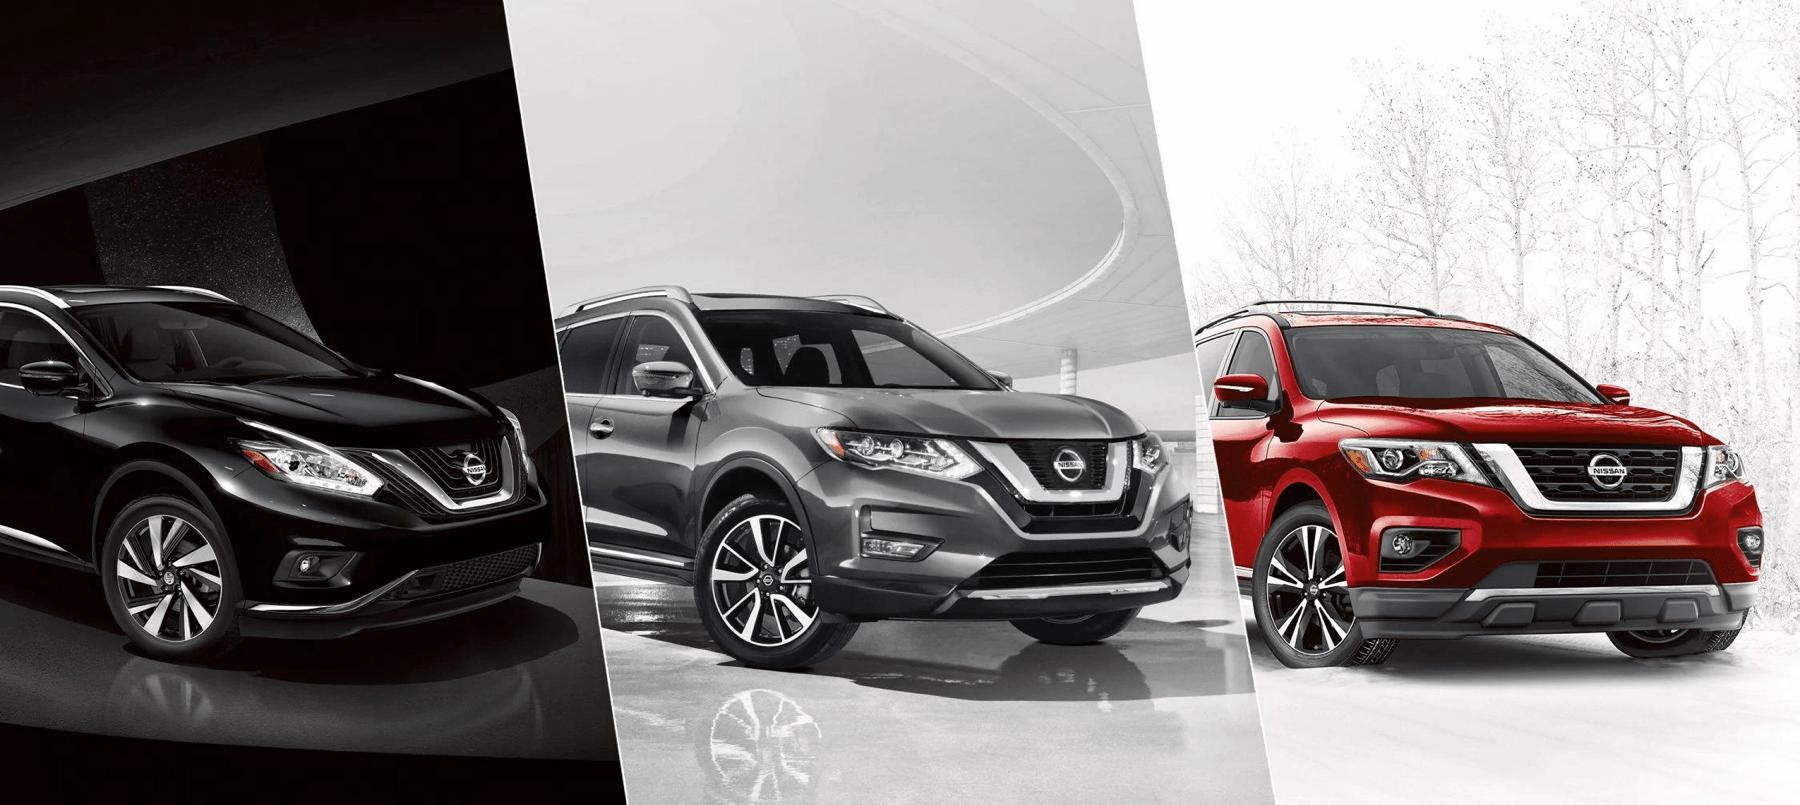 2018 Nissan models